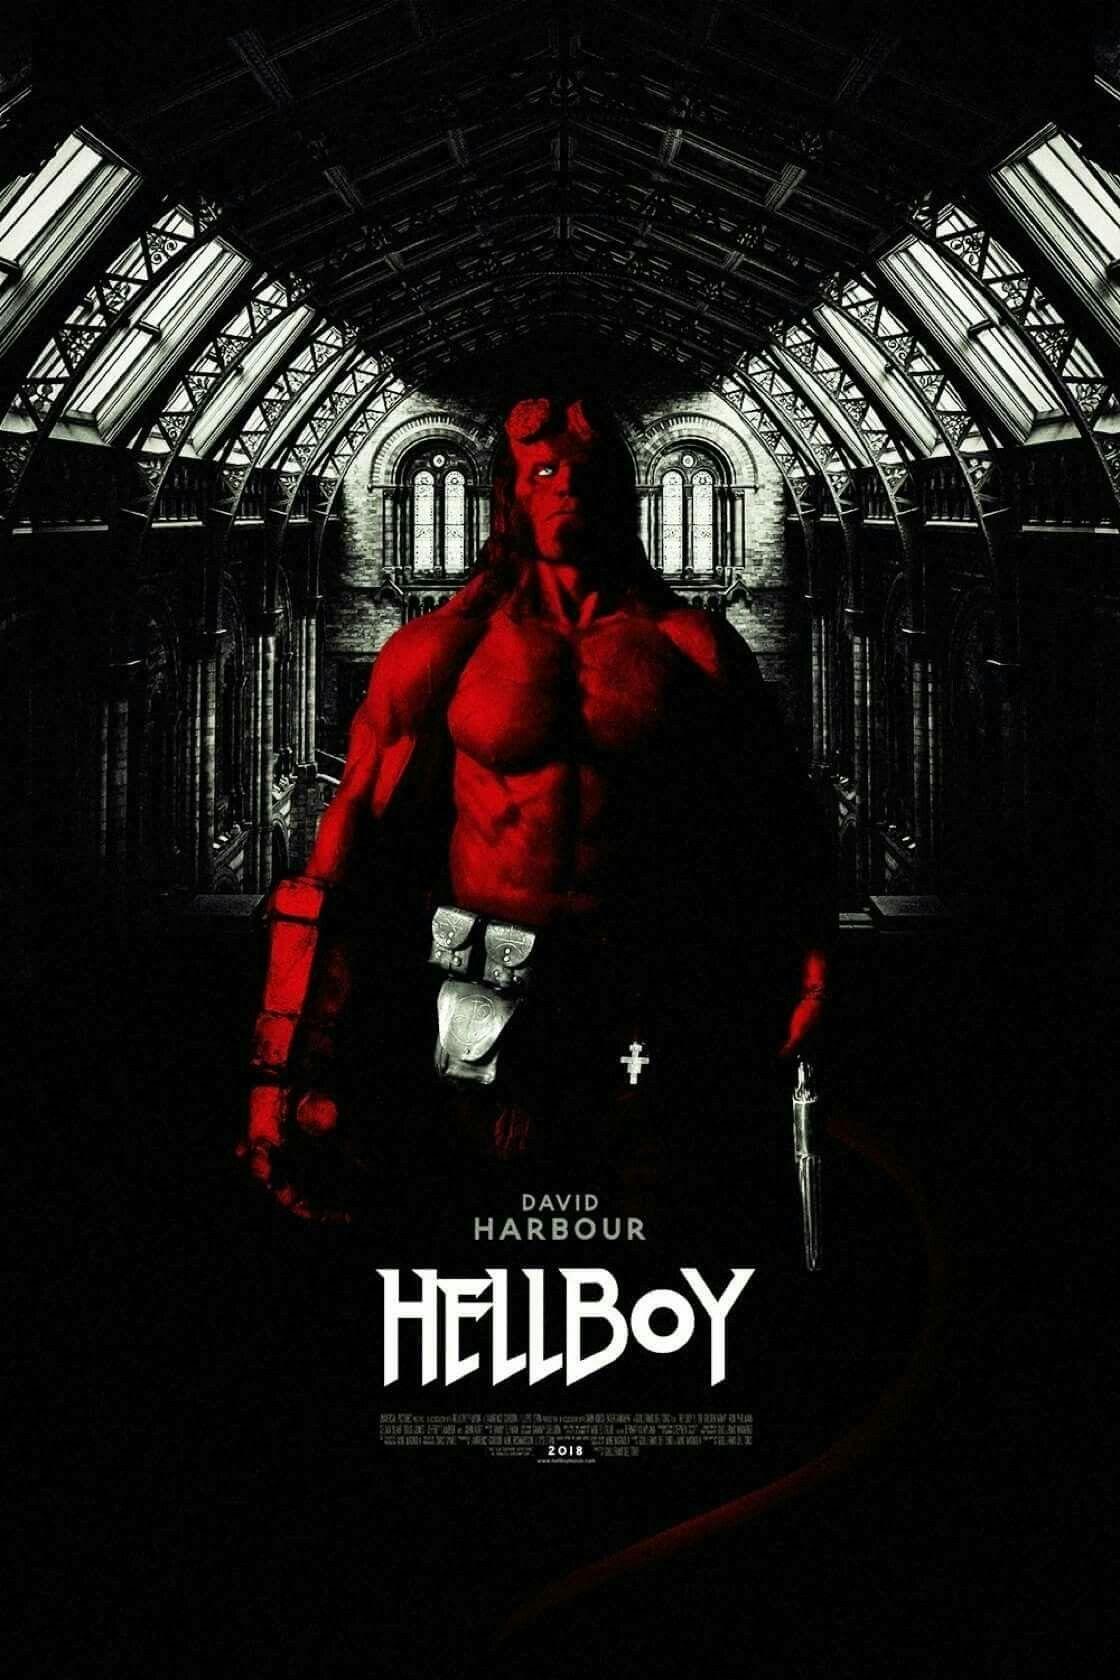 Image Result For Hellboy Apocalyptic New Motion Poster Peliculas En Español Películas Completas Afiche De Pelicula